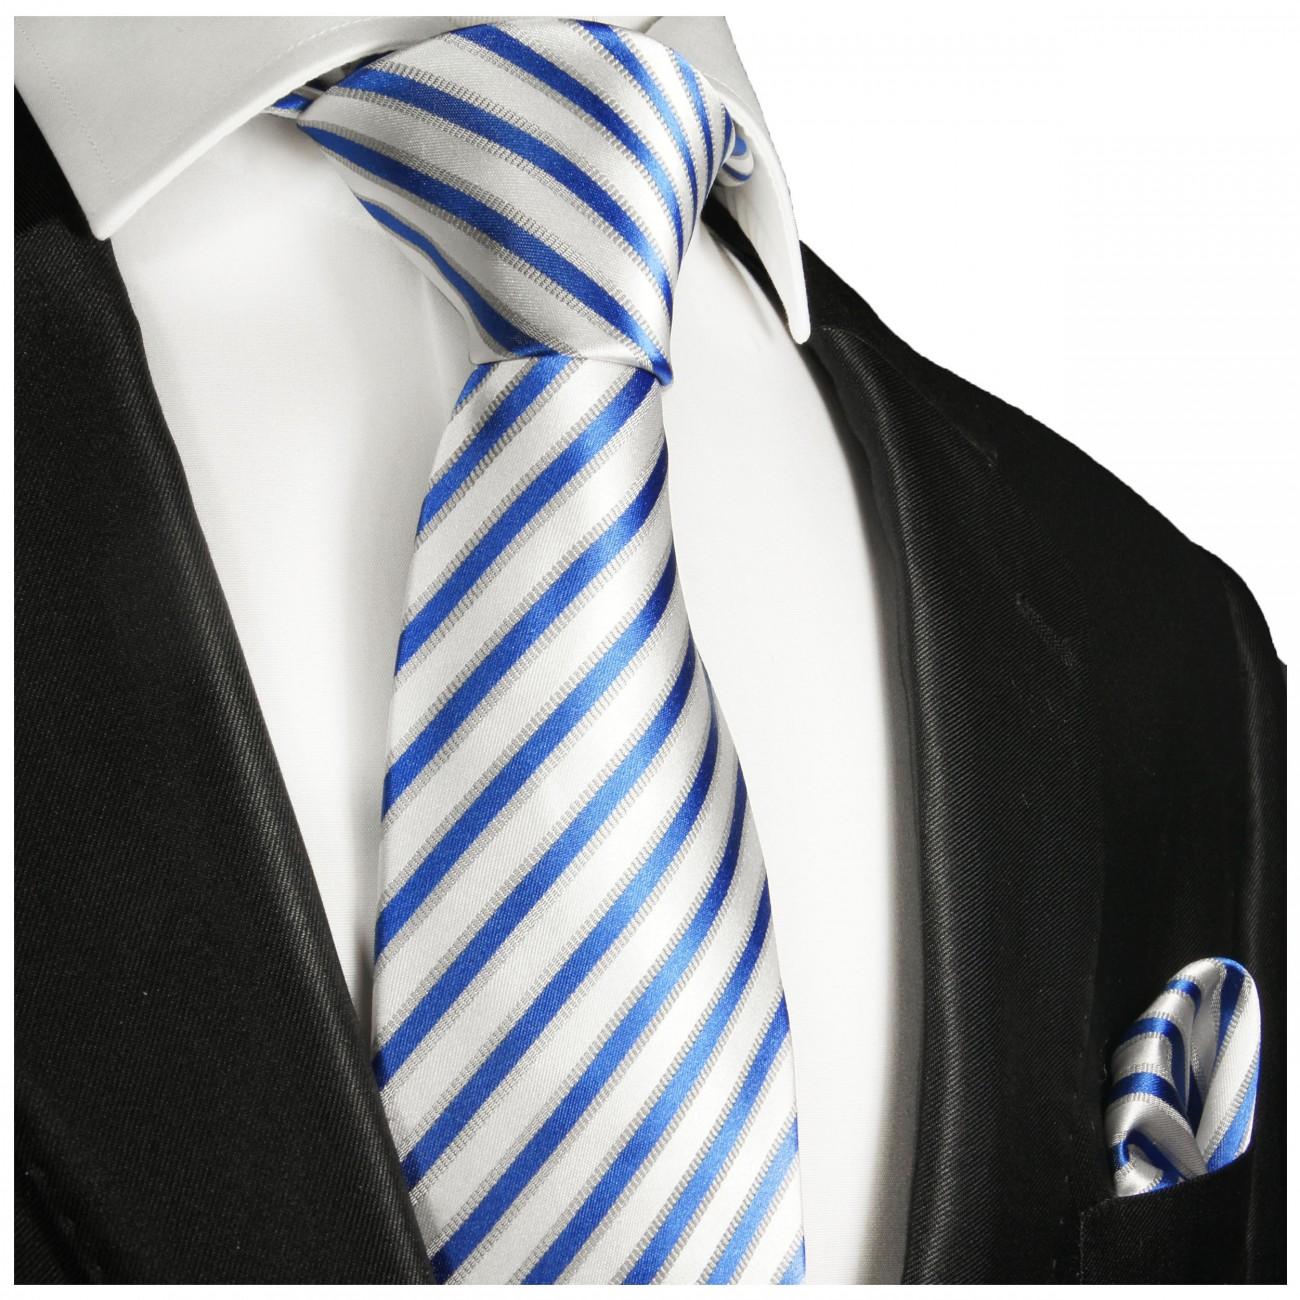 Einstecktuch Paul Malone 685 Herren-accessoires Krawatten Set 2tlg Blau Gestreifte Seidenkrawatte Kleidung & Accessoires